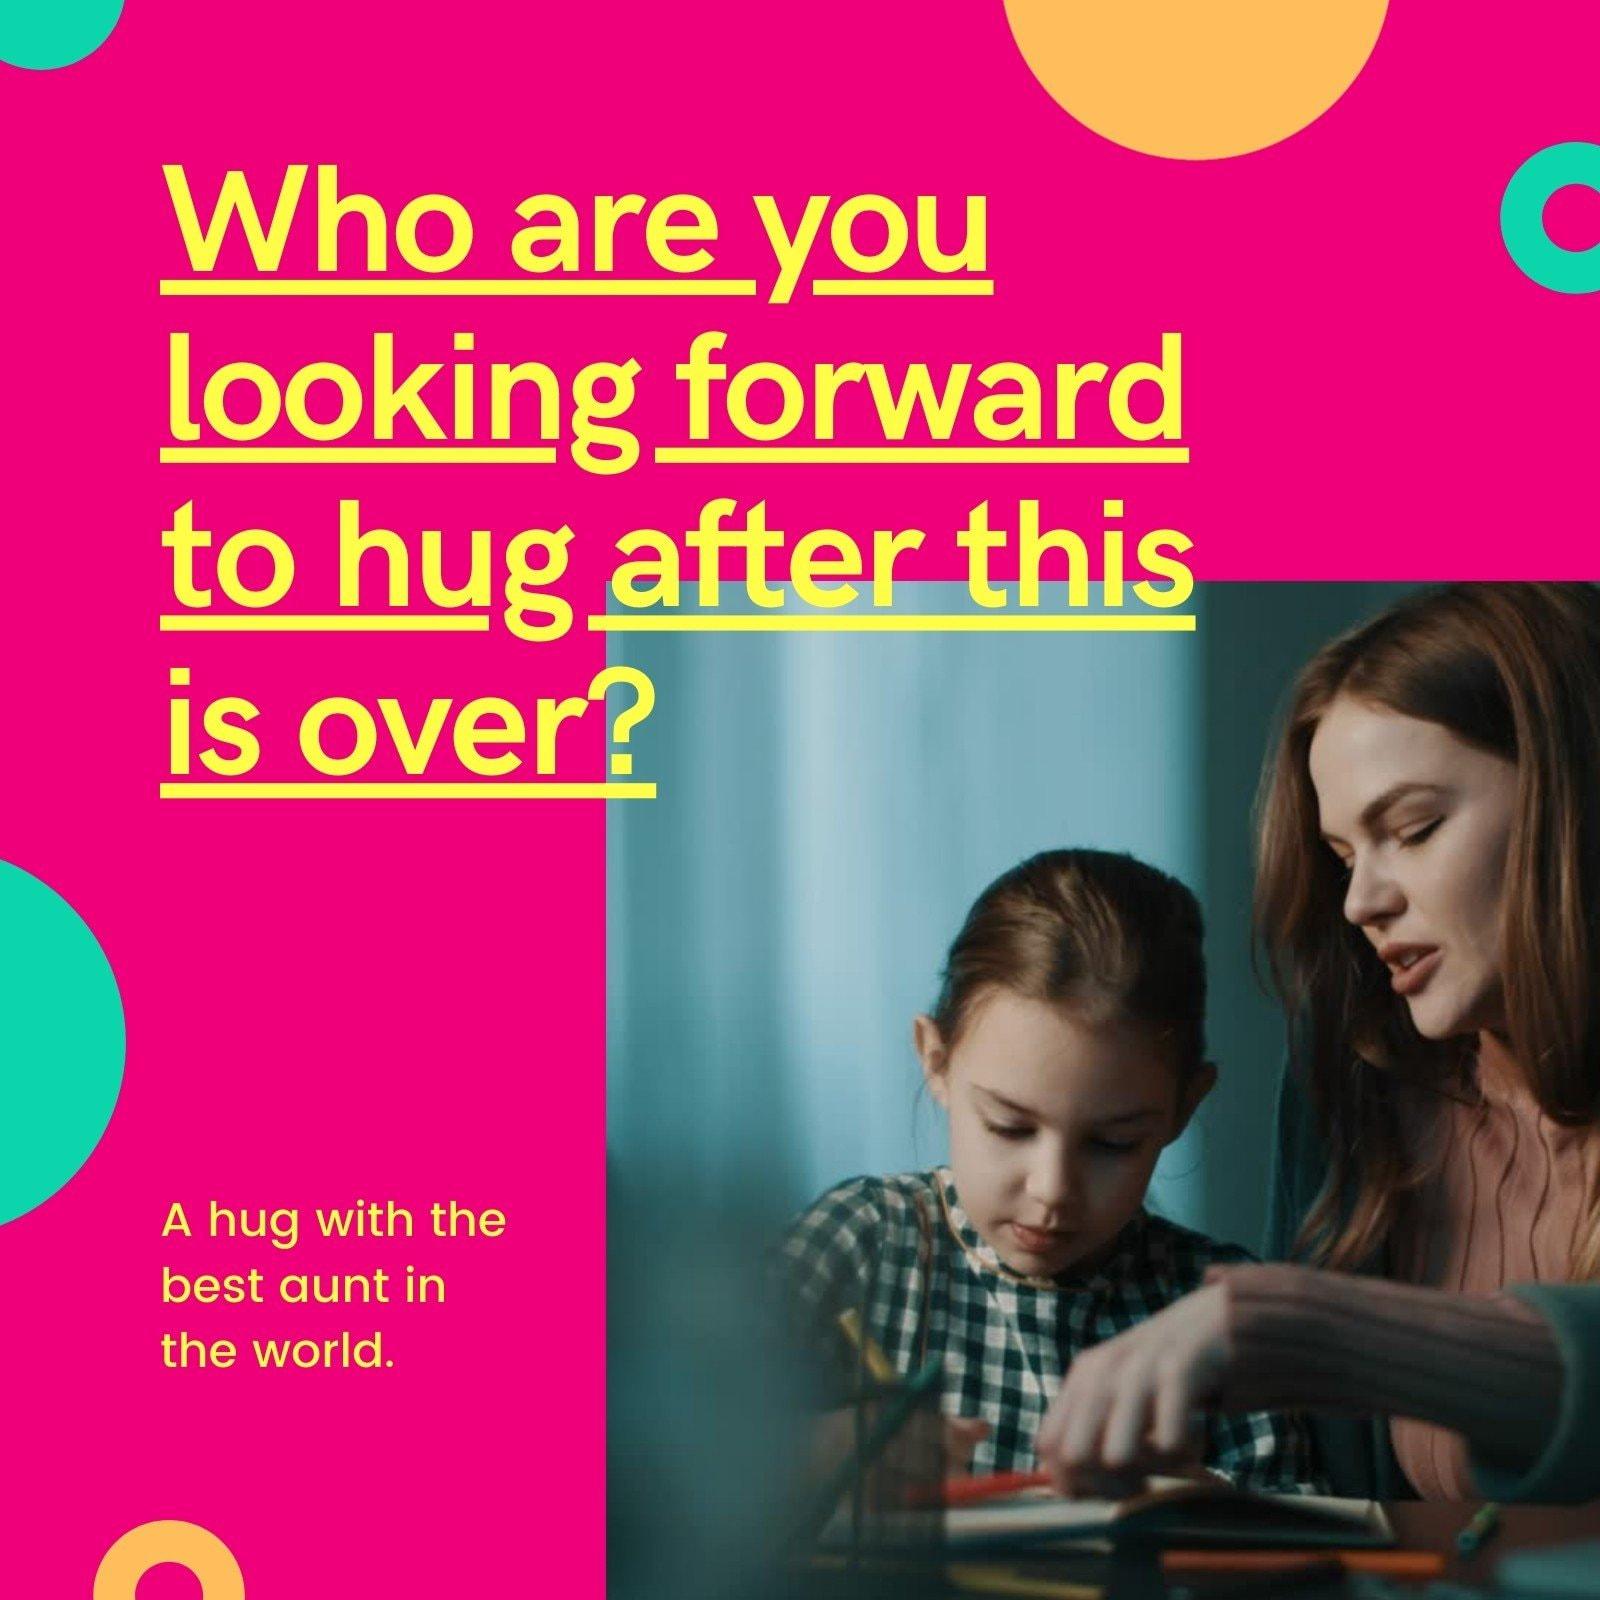 Pink Circle Bright and Bold Coronavirus Social Media Post